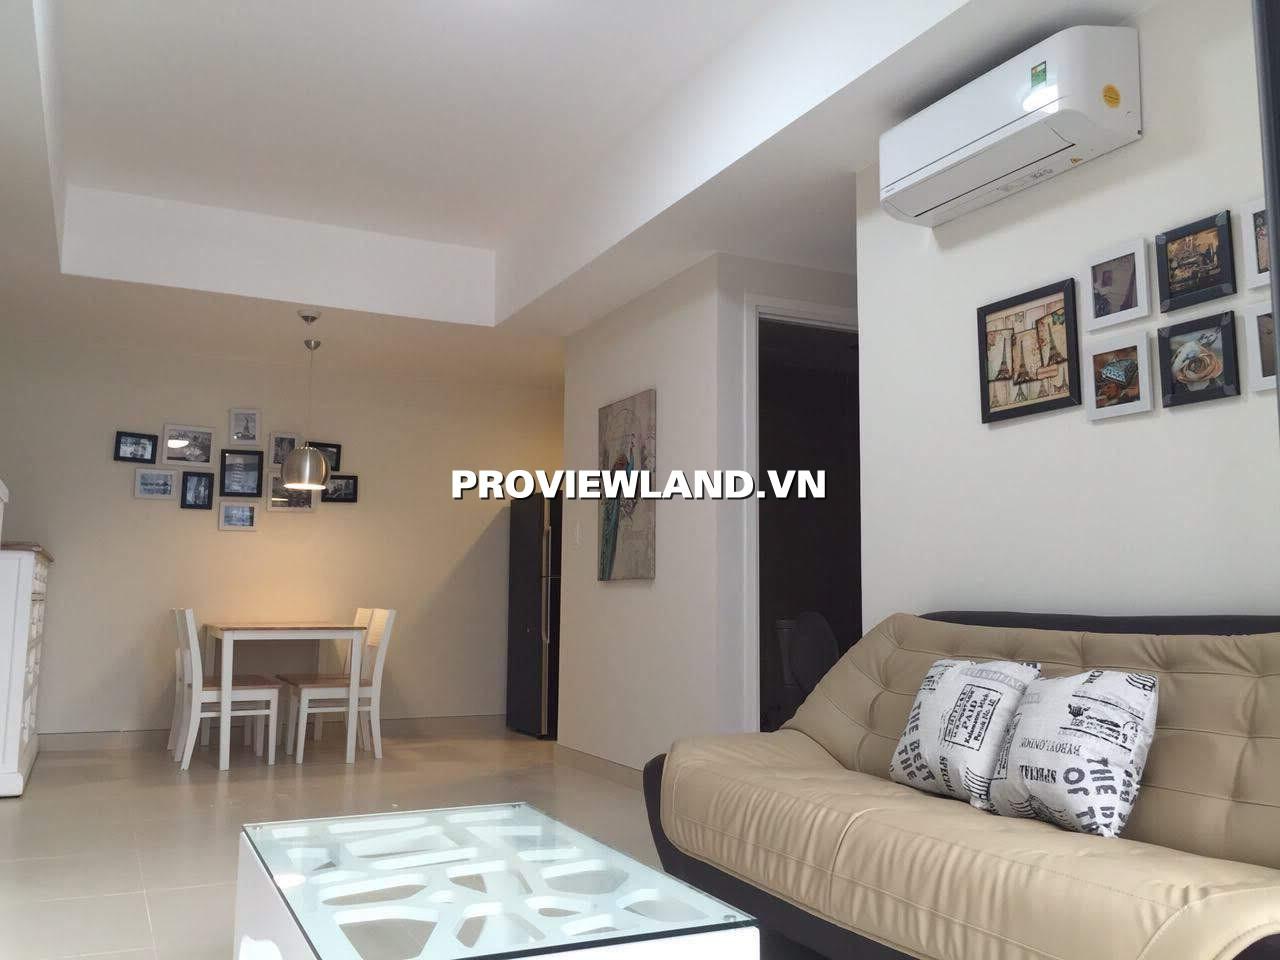 Cần cho thuê căn hộ Masteri Thảo Điền Quận 2 65m2 2PN tầng 10